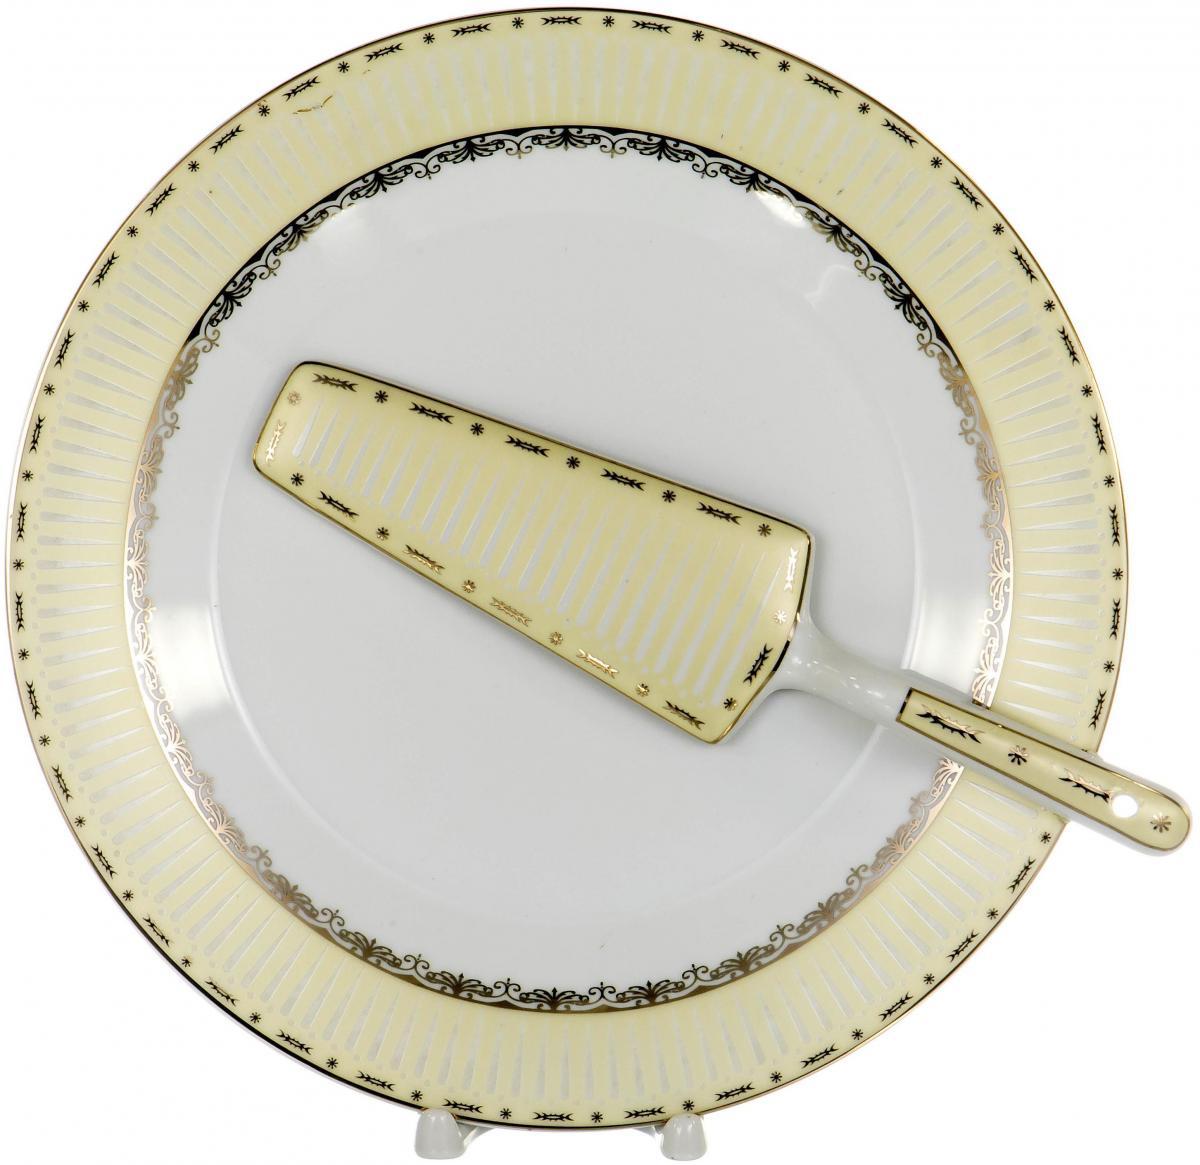 """Набор для торта """"Olaff"""" состоит из блюда и лопатки. Изделия выполнены из керамики и оформлены изящным рисунком. Набор идеален для подачи тортов, пирогов и другой выпечки. Яркий дизайн сделает набор изысканным украшением праздничного стола.  В наборе: тарелка диаметром 25,5 см и лопатка."""